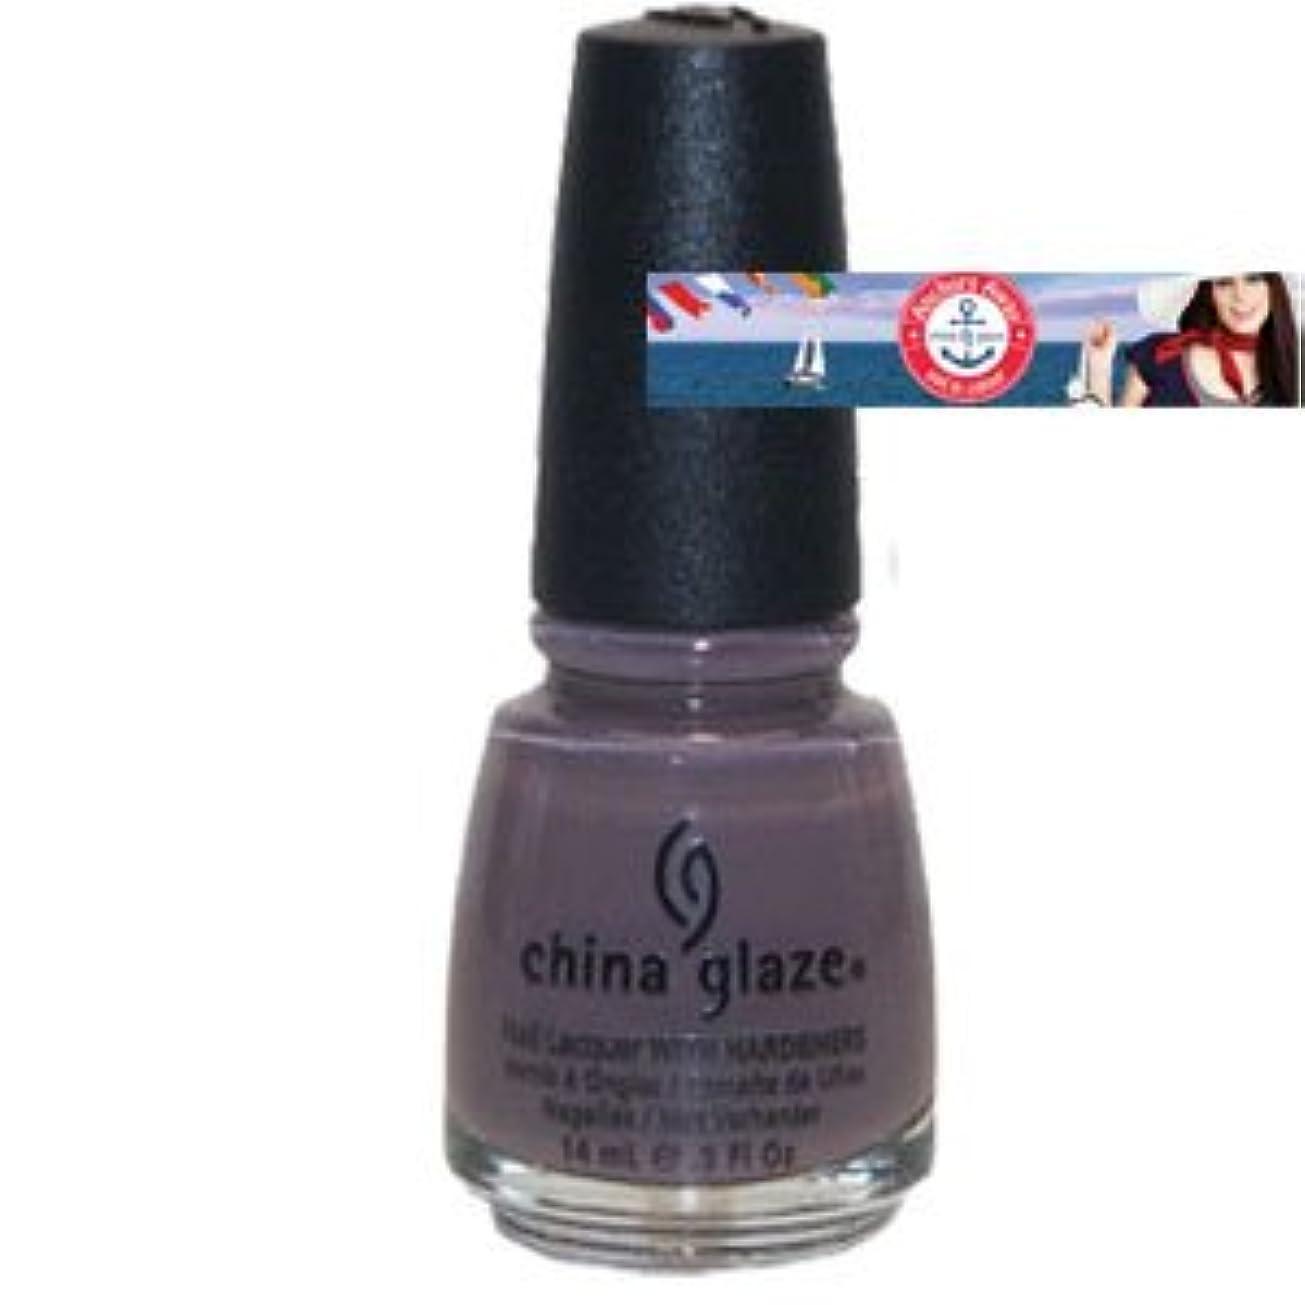 主婦残る憤る(チャイナグレイズ)China Glaze Anchors Away Collection?Below Deck [海外直送品][並行輸入品]